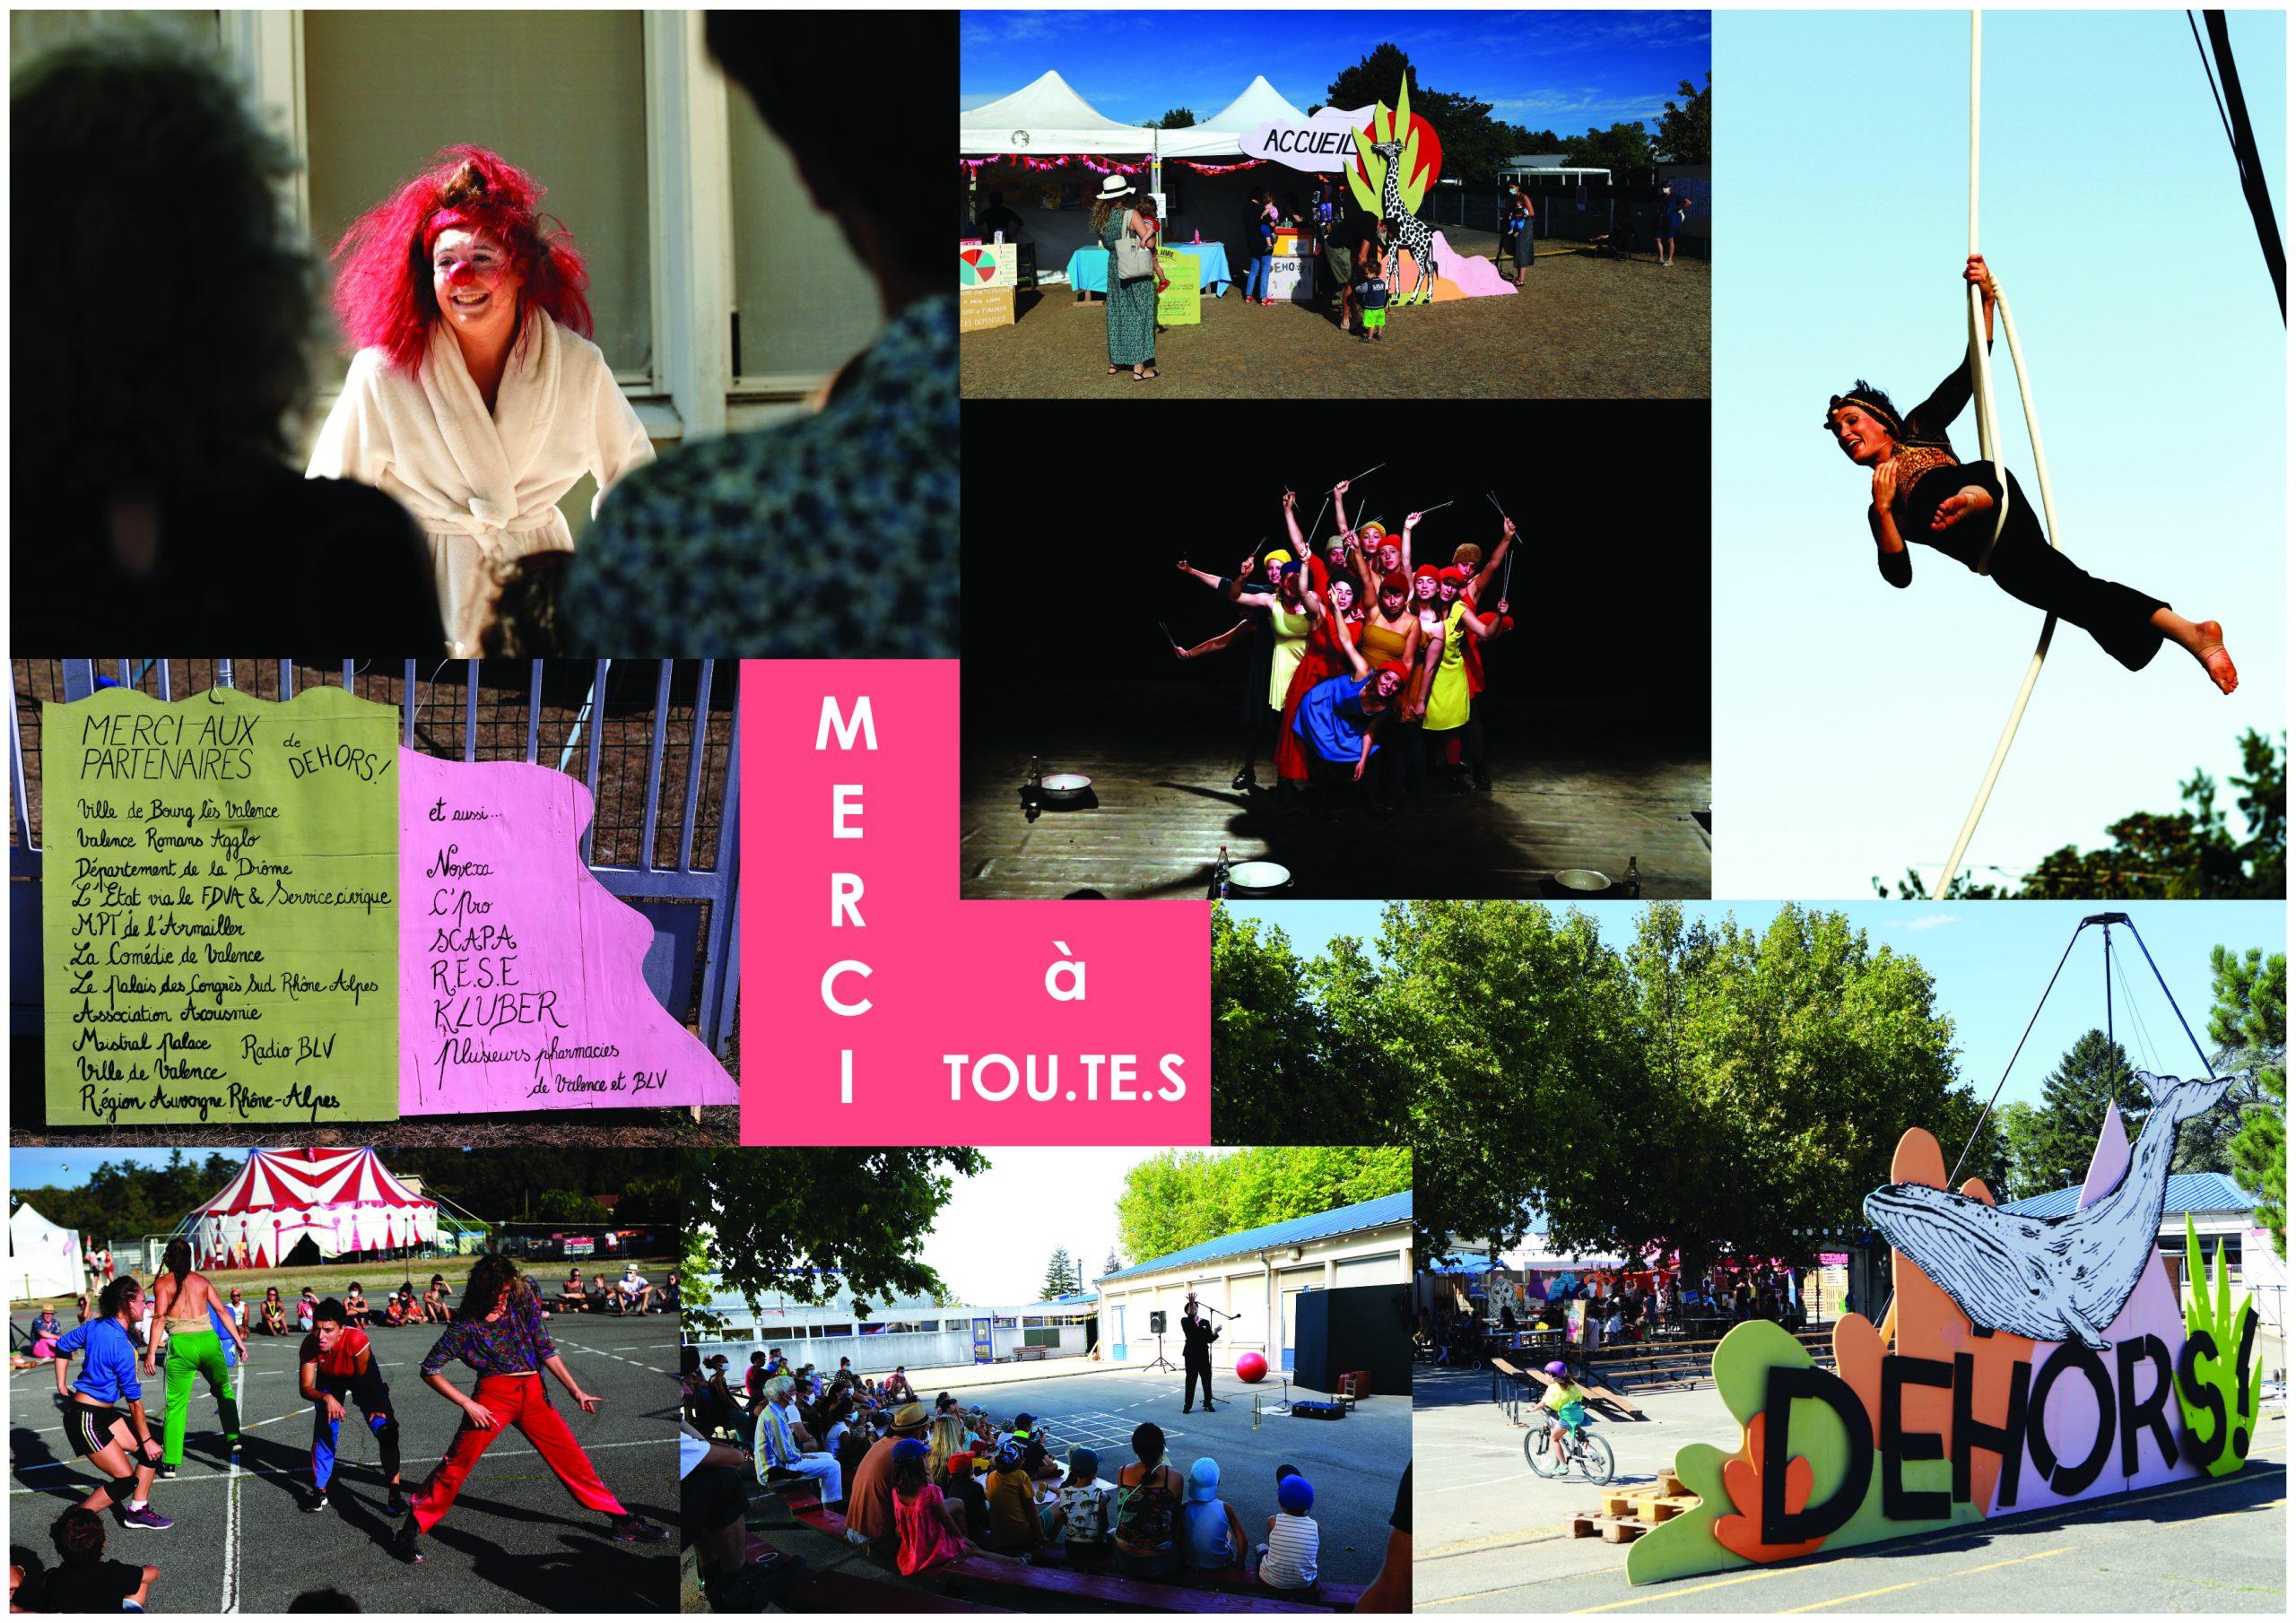 Festival Dehors ! Rencontres de spectacles très vivants, visuel 2020, spectacle dehors !